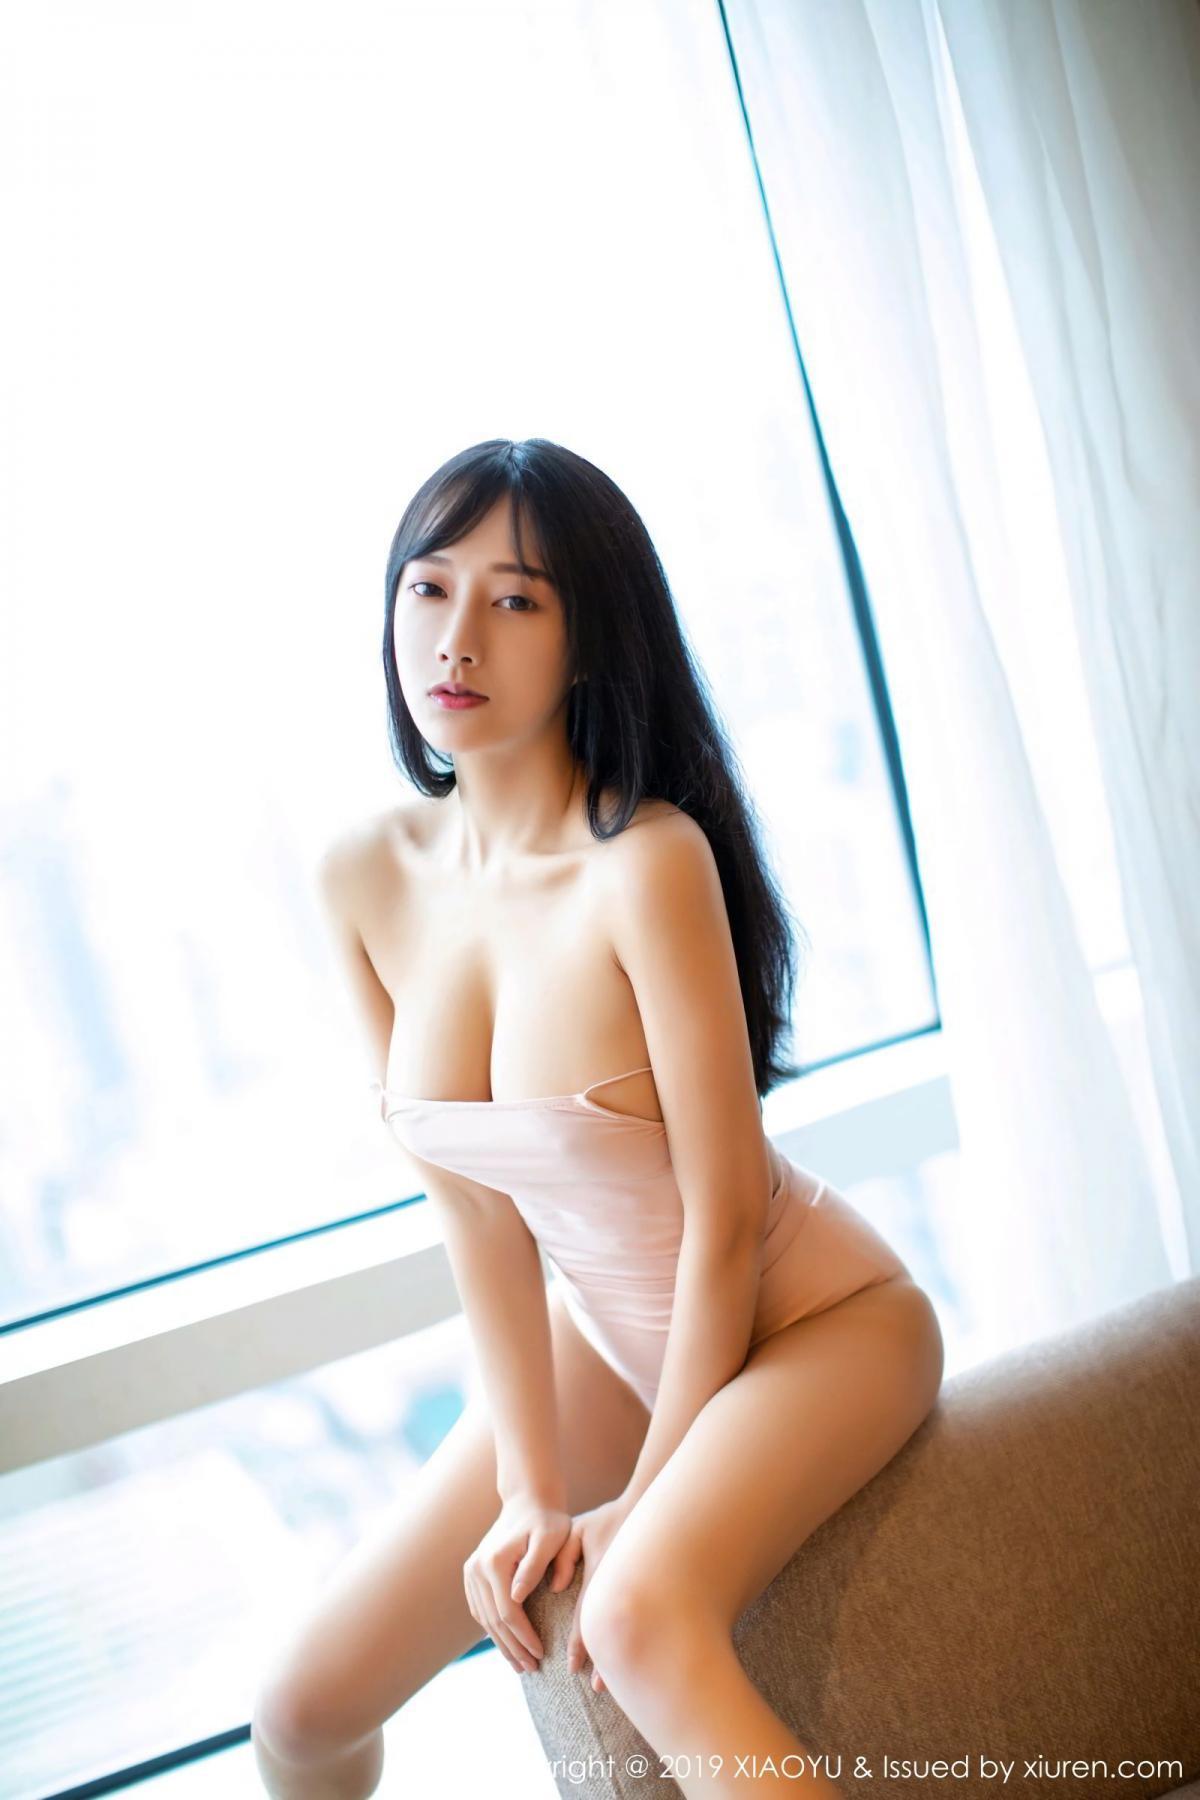 [XiaoYu] Vol.097 He Jia Ying 53P, He Jia Ying, Tall, XiaoYu